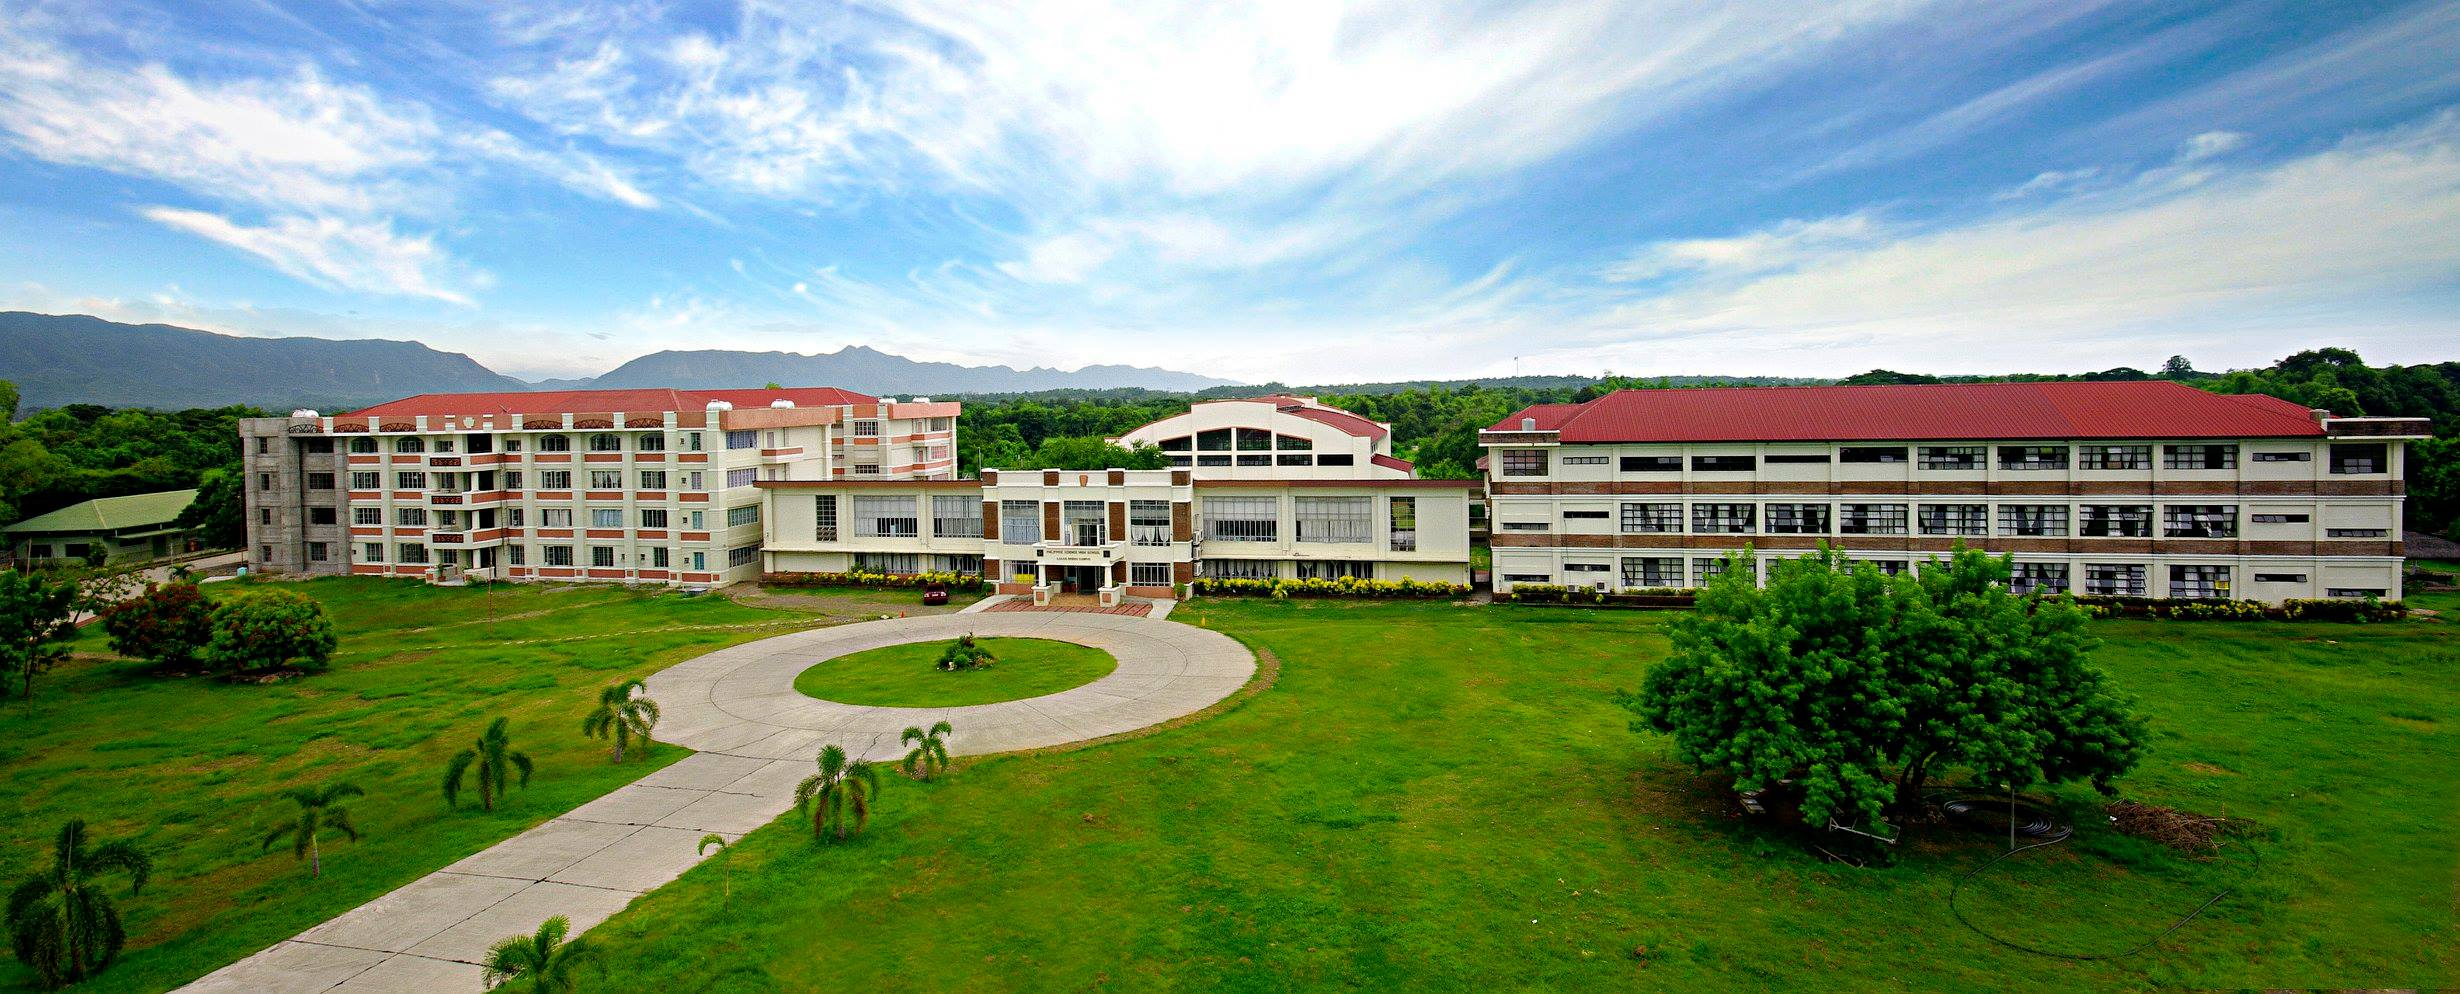 Philippine Science High School Ilocos Region Campus